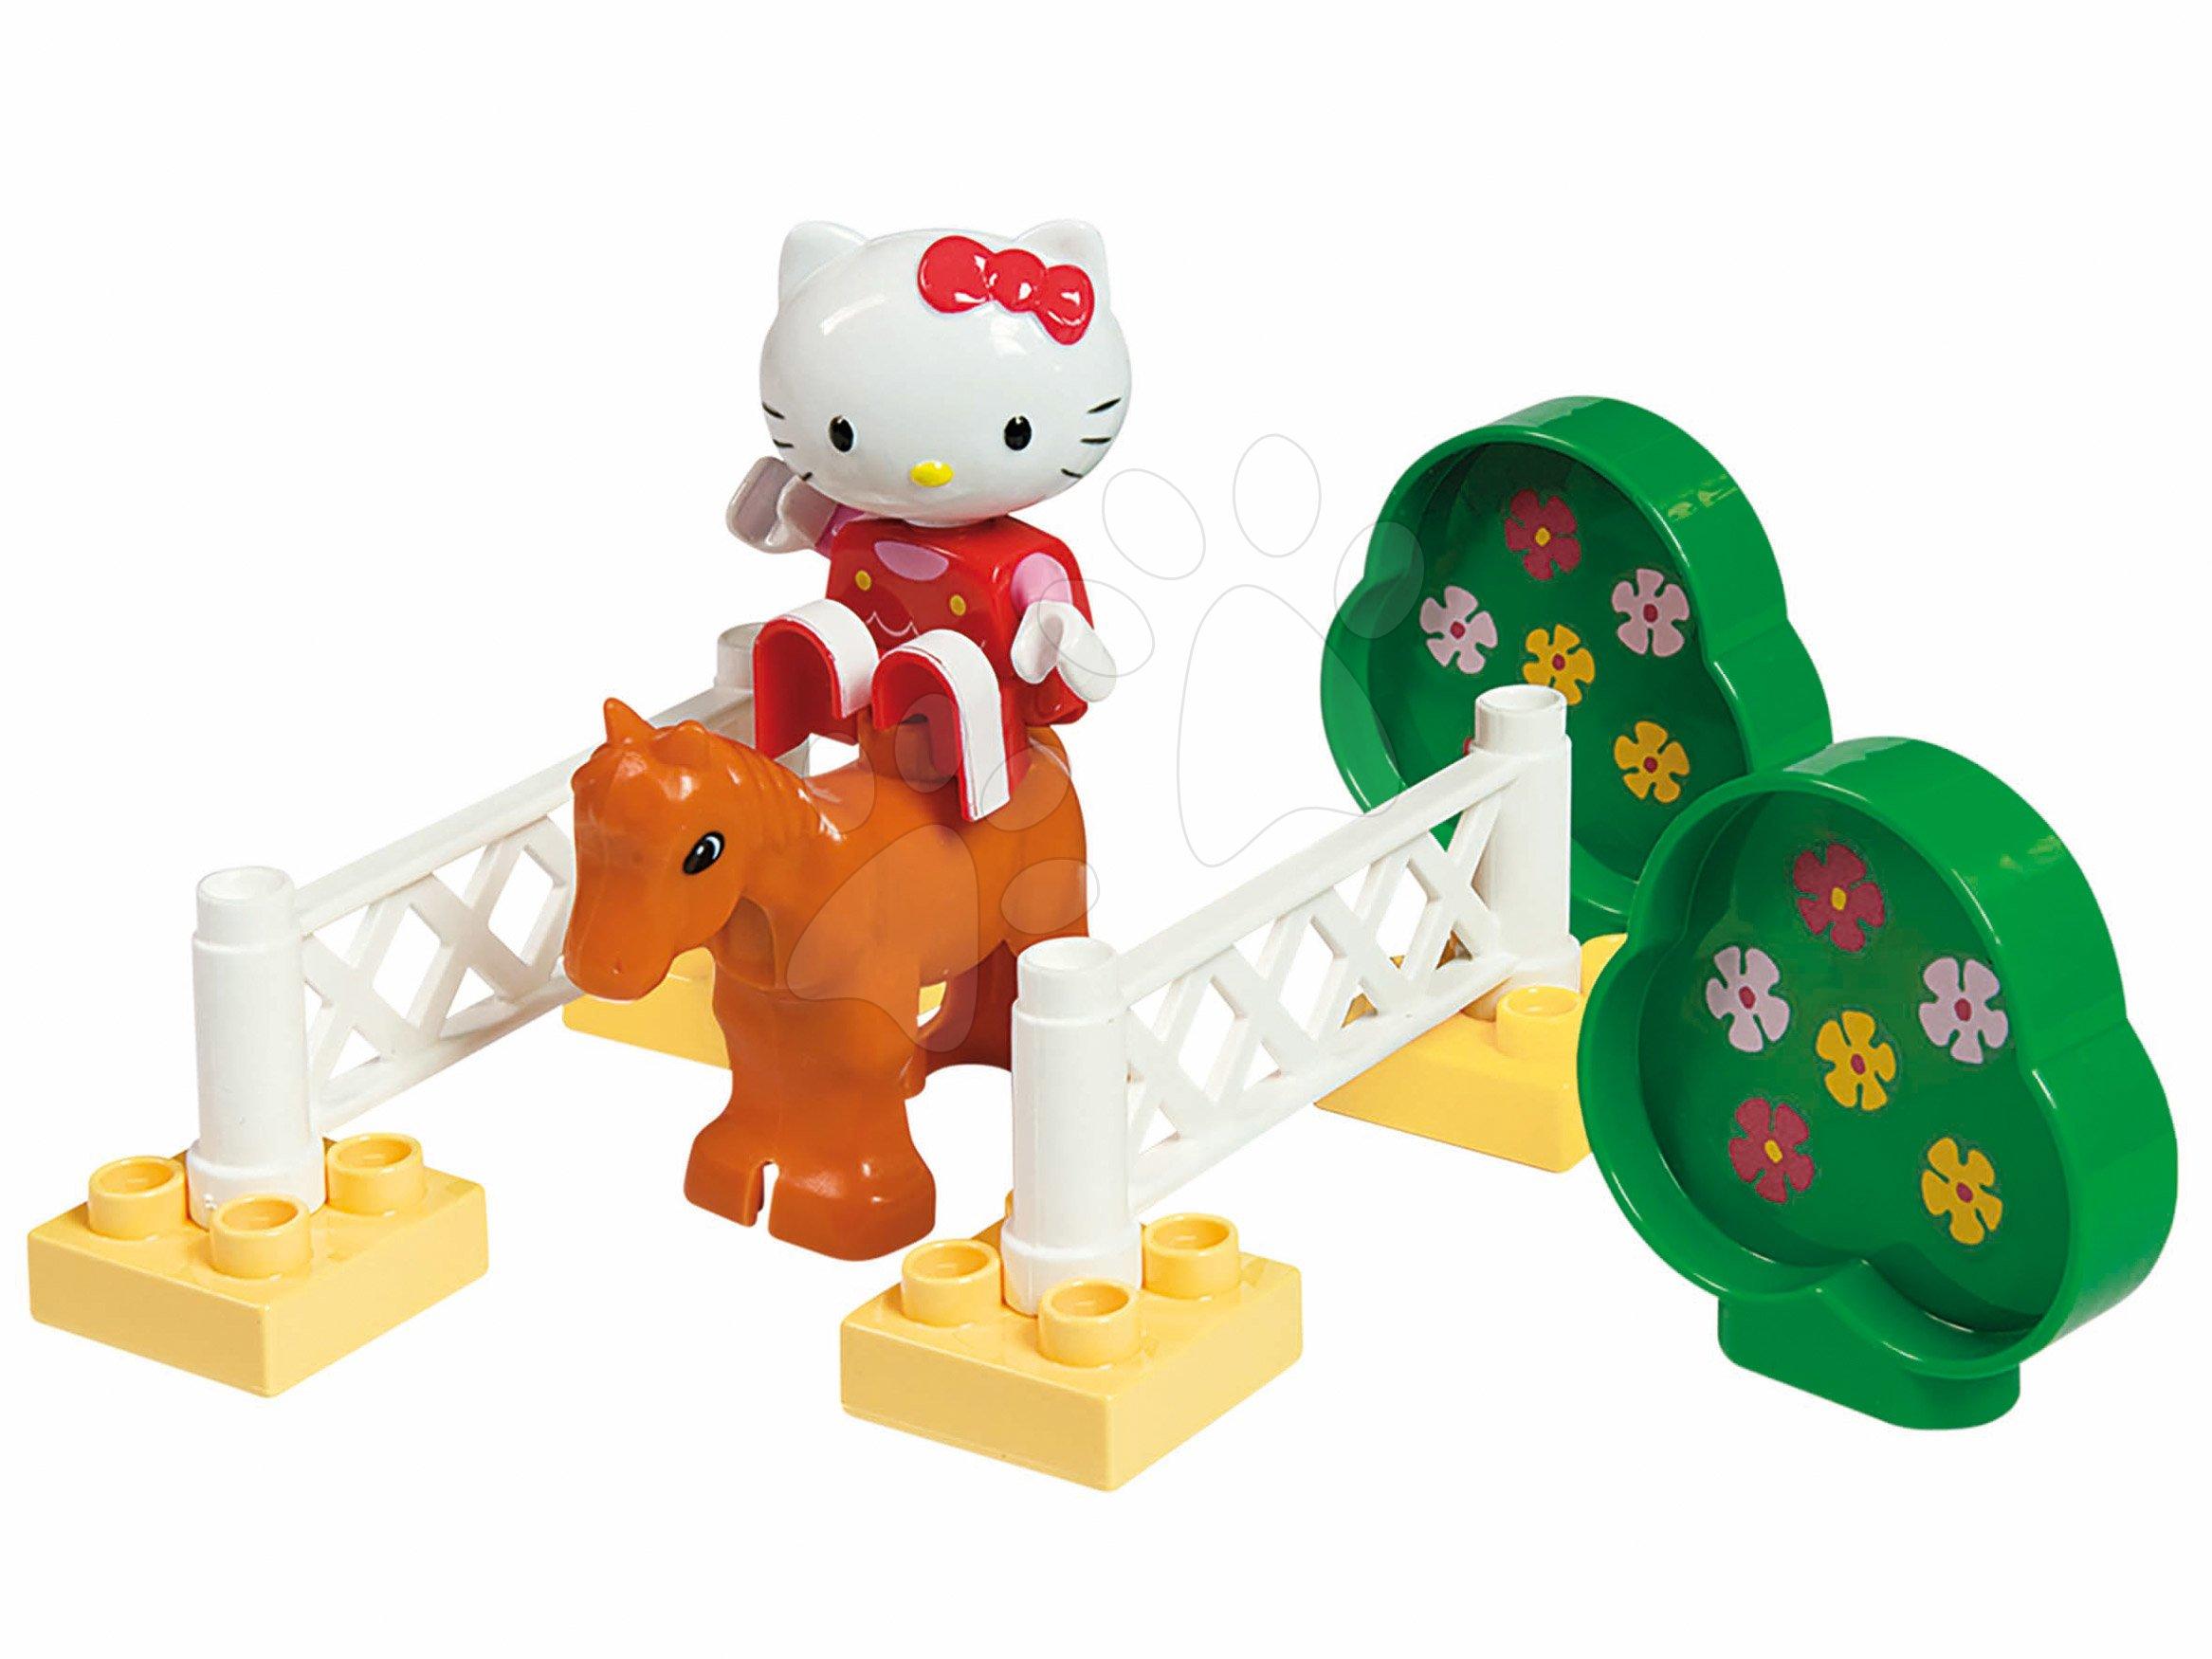 Stavebnice PlayBIG Bloxx Starter Box BIG Hello Kitty na dostizích s koníkem od 18 měsíců